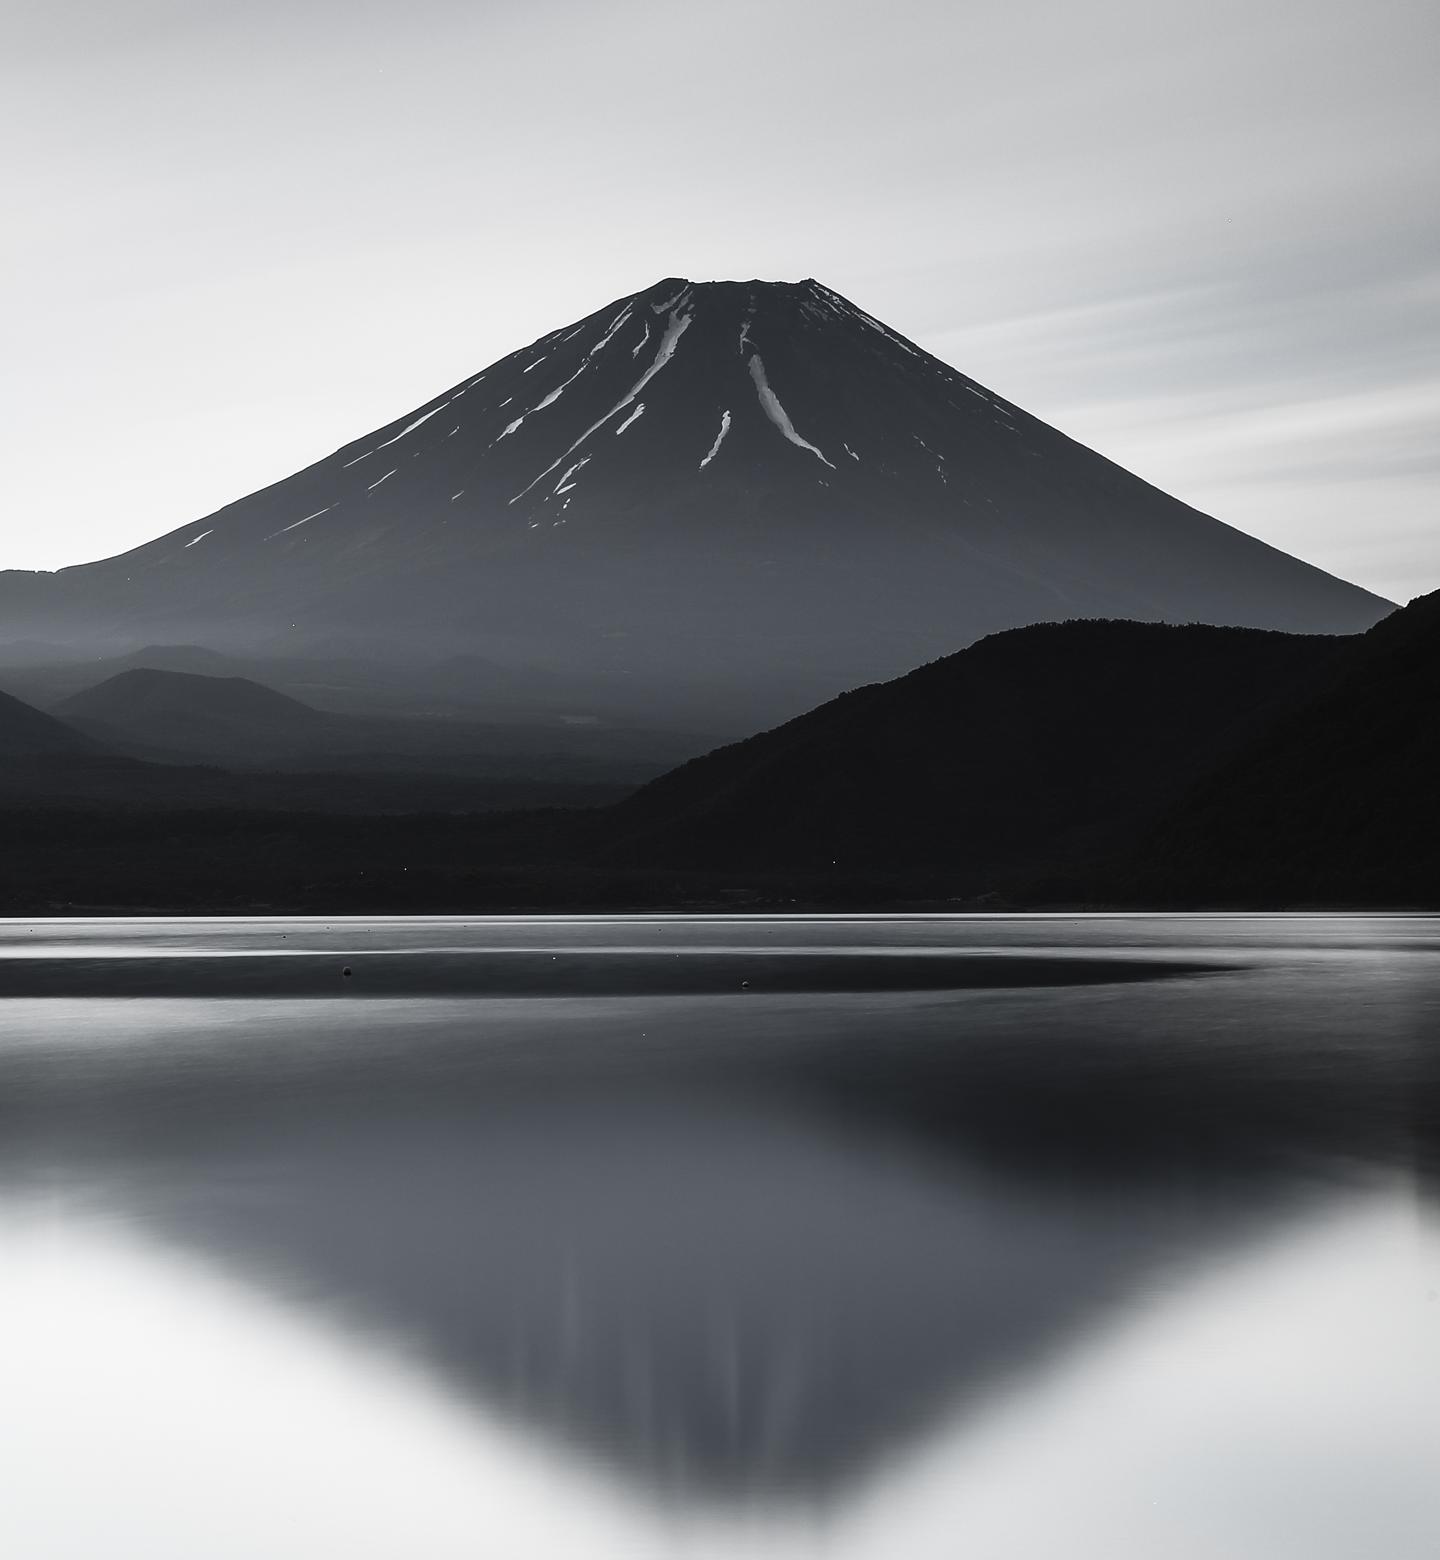 خلفيات Nokia 3 4 الاصلية خلفيات نوكيا روعة In 2021 Natural Landmarks Landmarks Mountains